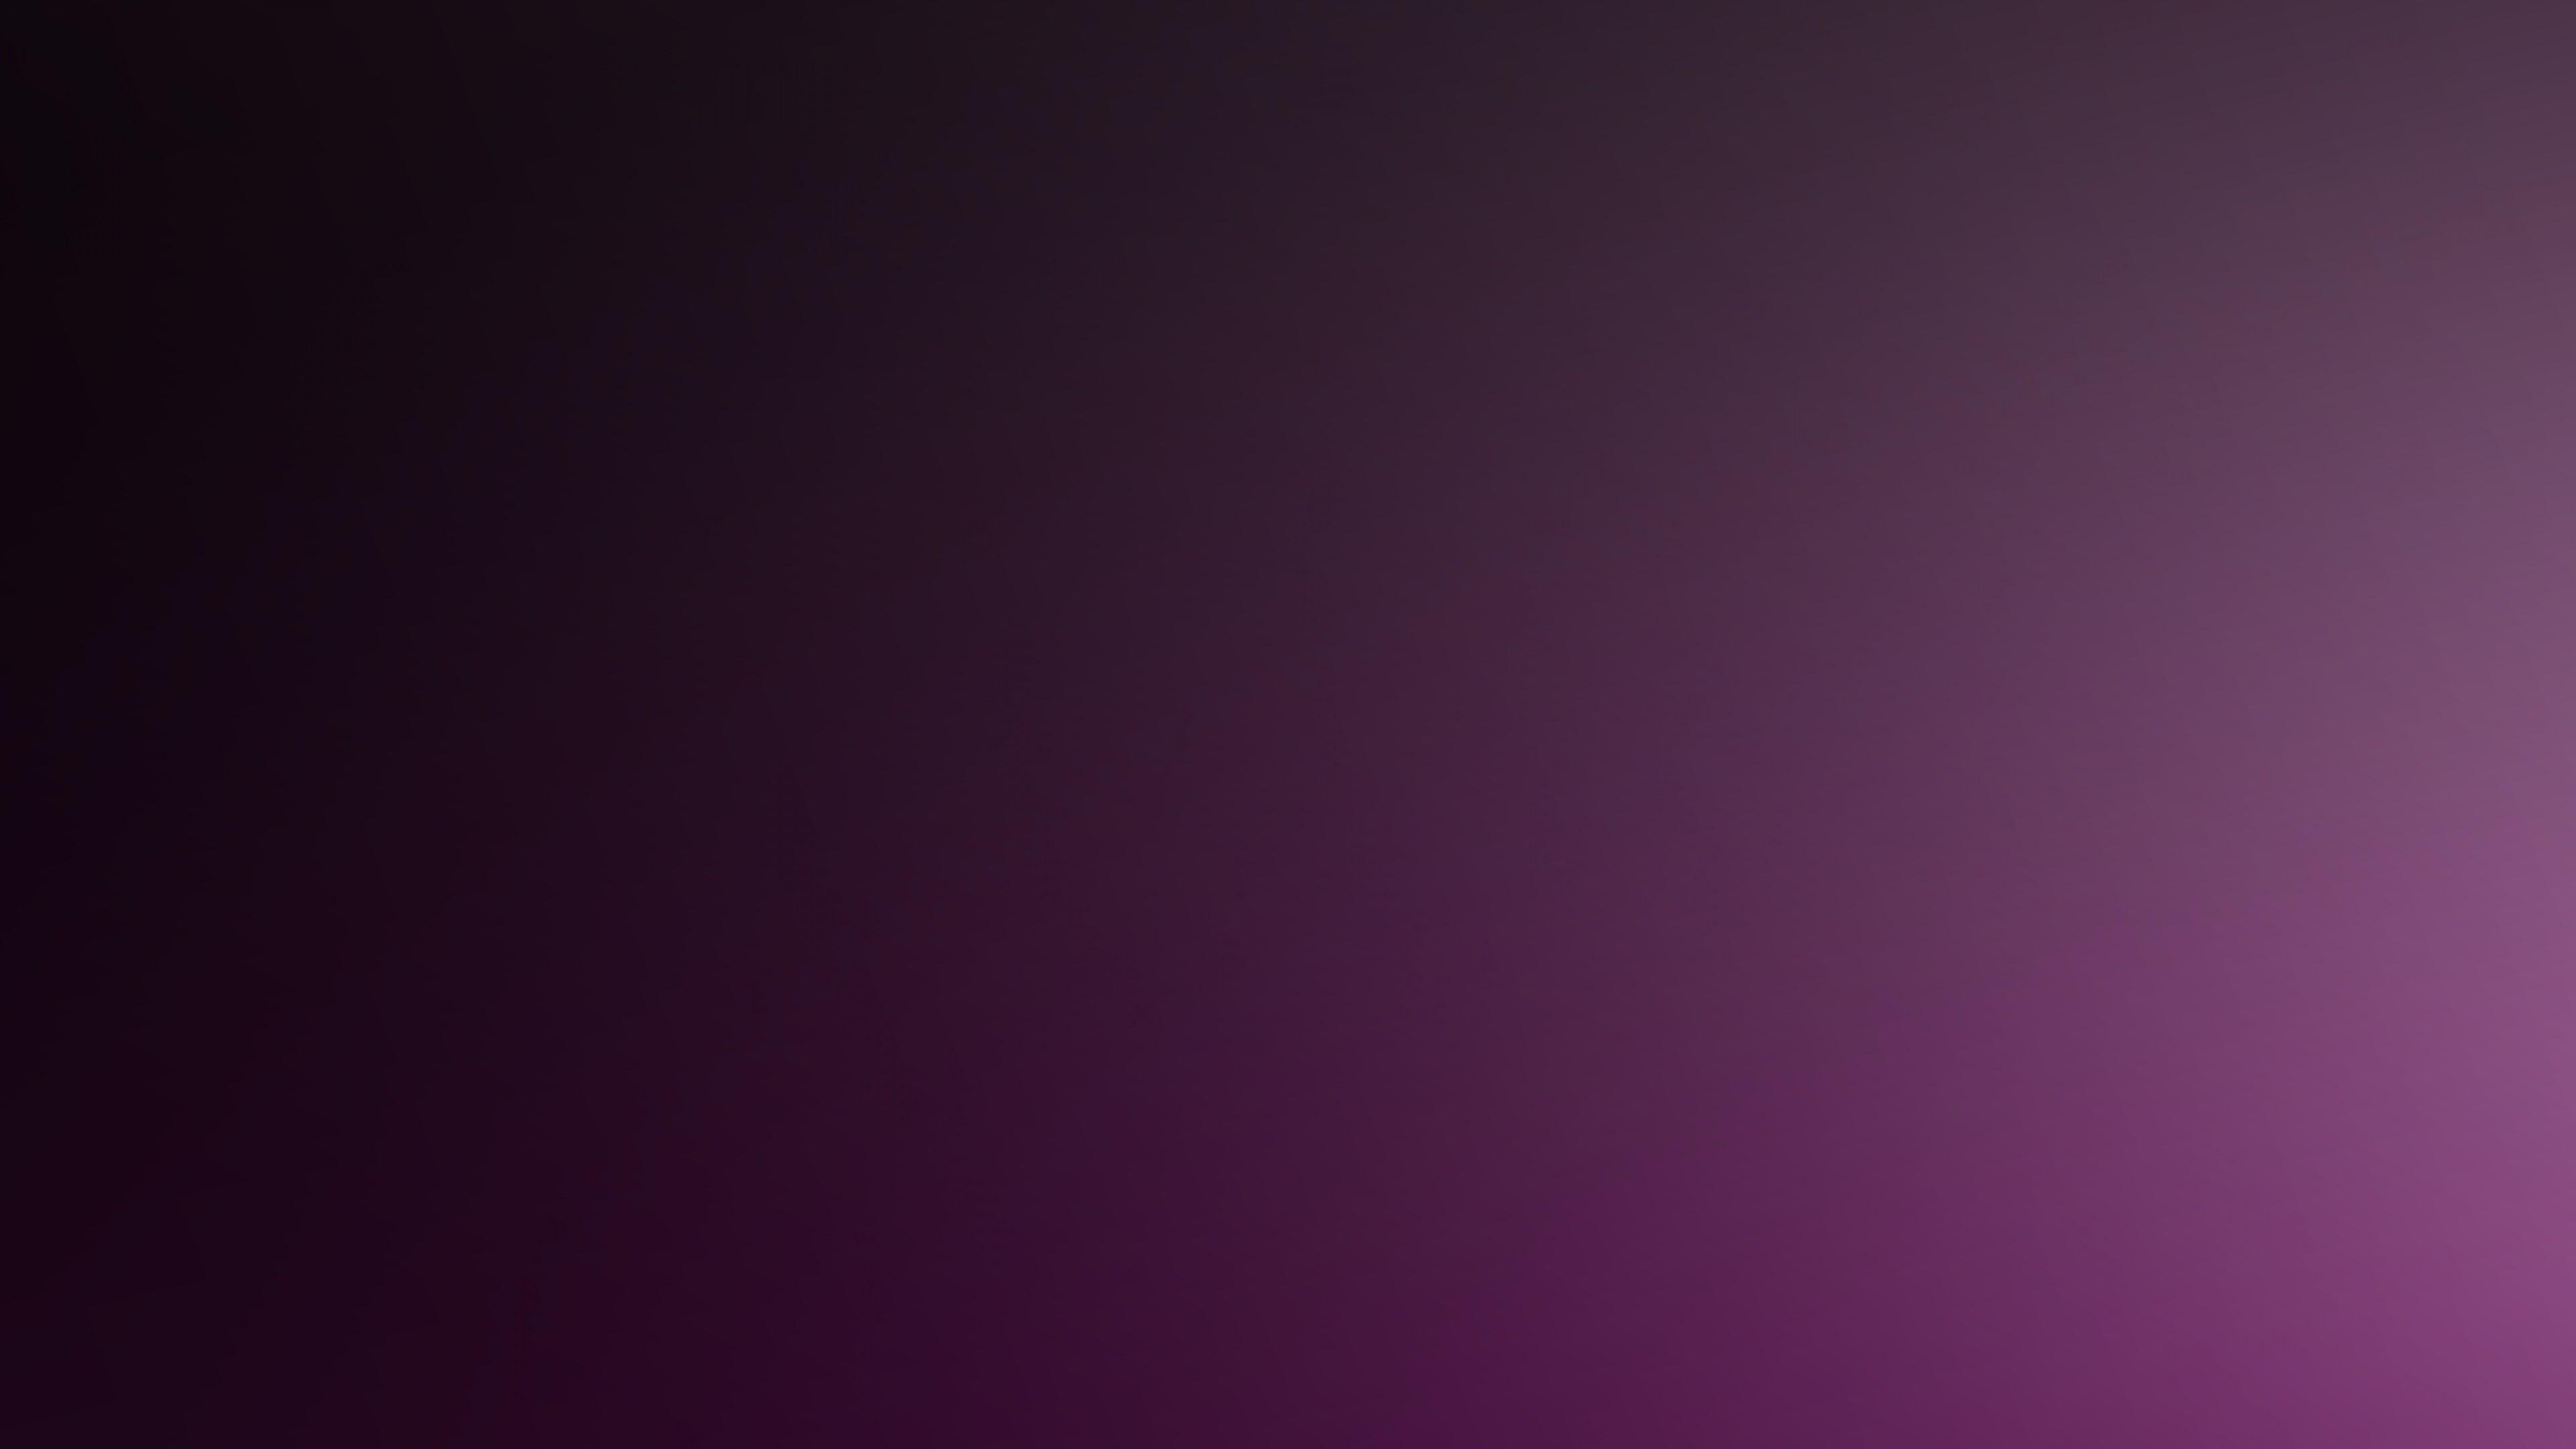 Wallpaper purple, dark, shadow, color